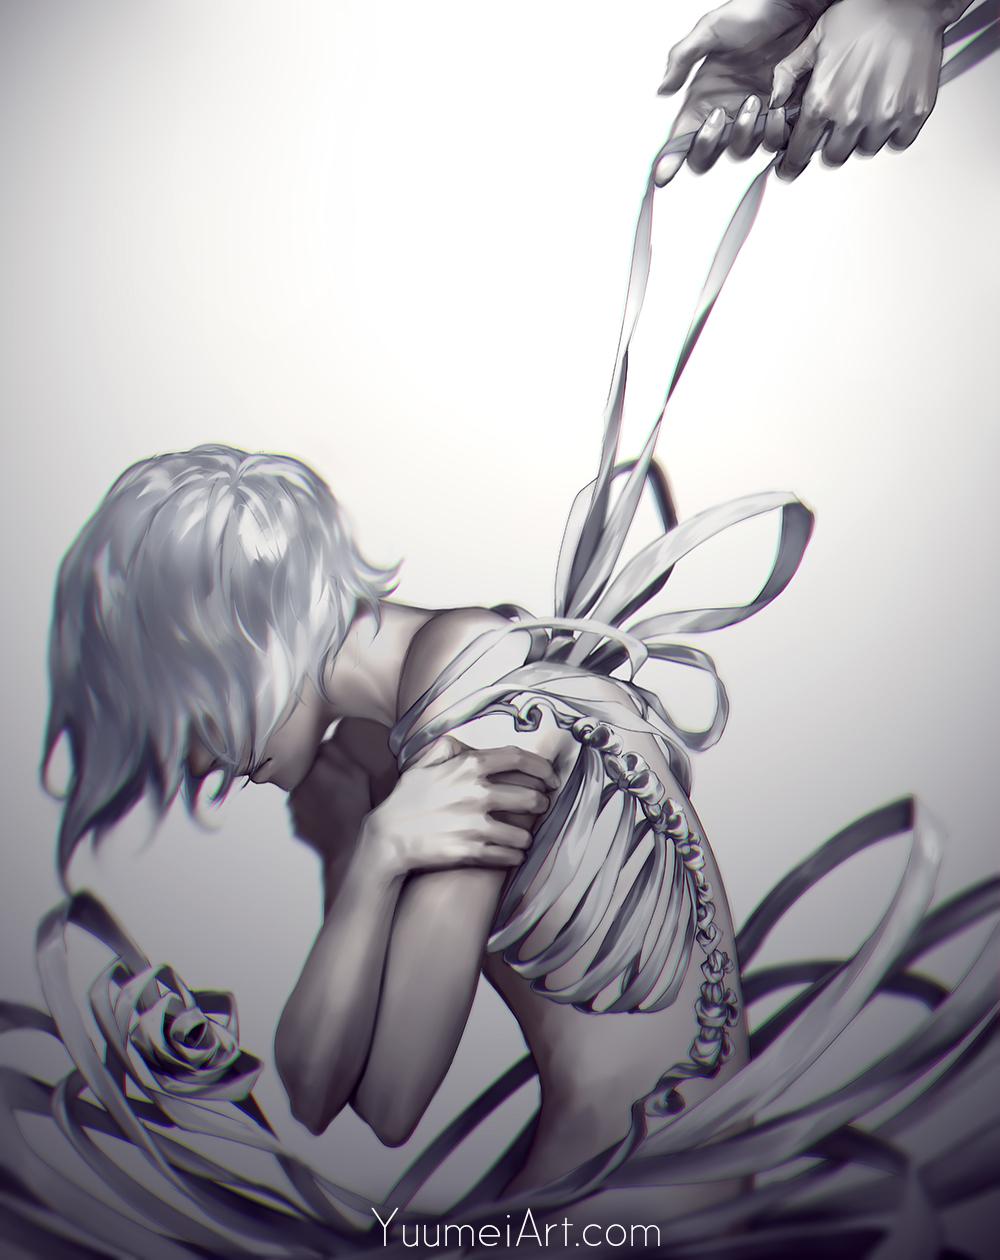 women tied up in tears